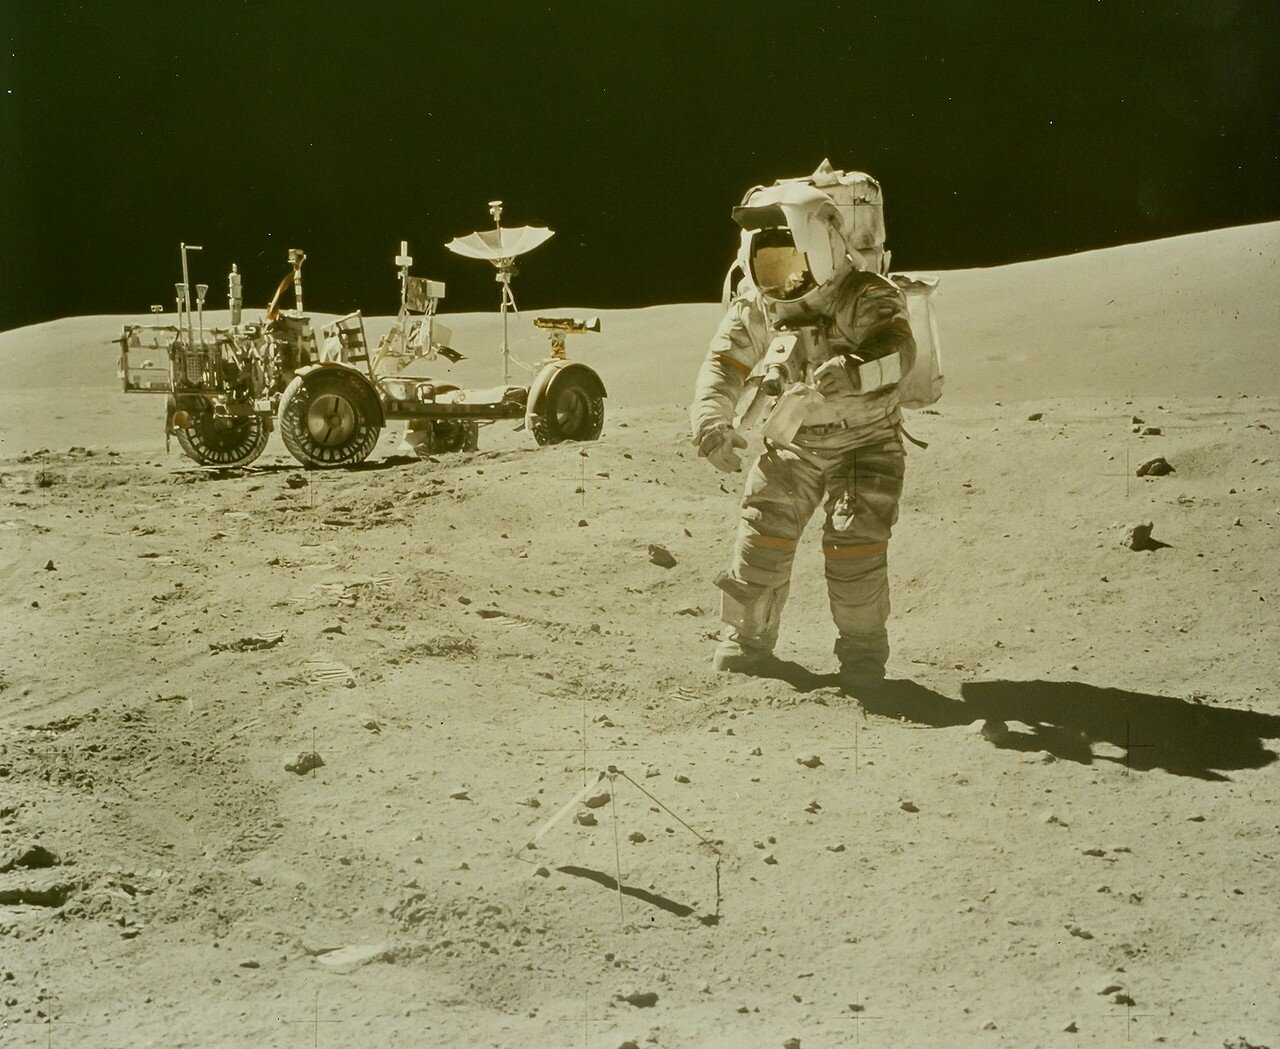 До кратера Северный Луч на склоне горы Смоки астронавты доехали примерно за 36 минут, на 17 минут раньше графика. На снимке: .Джон Янг ходит по поверхности Луны